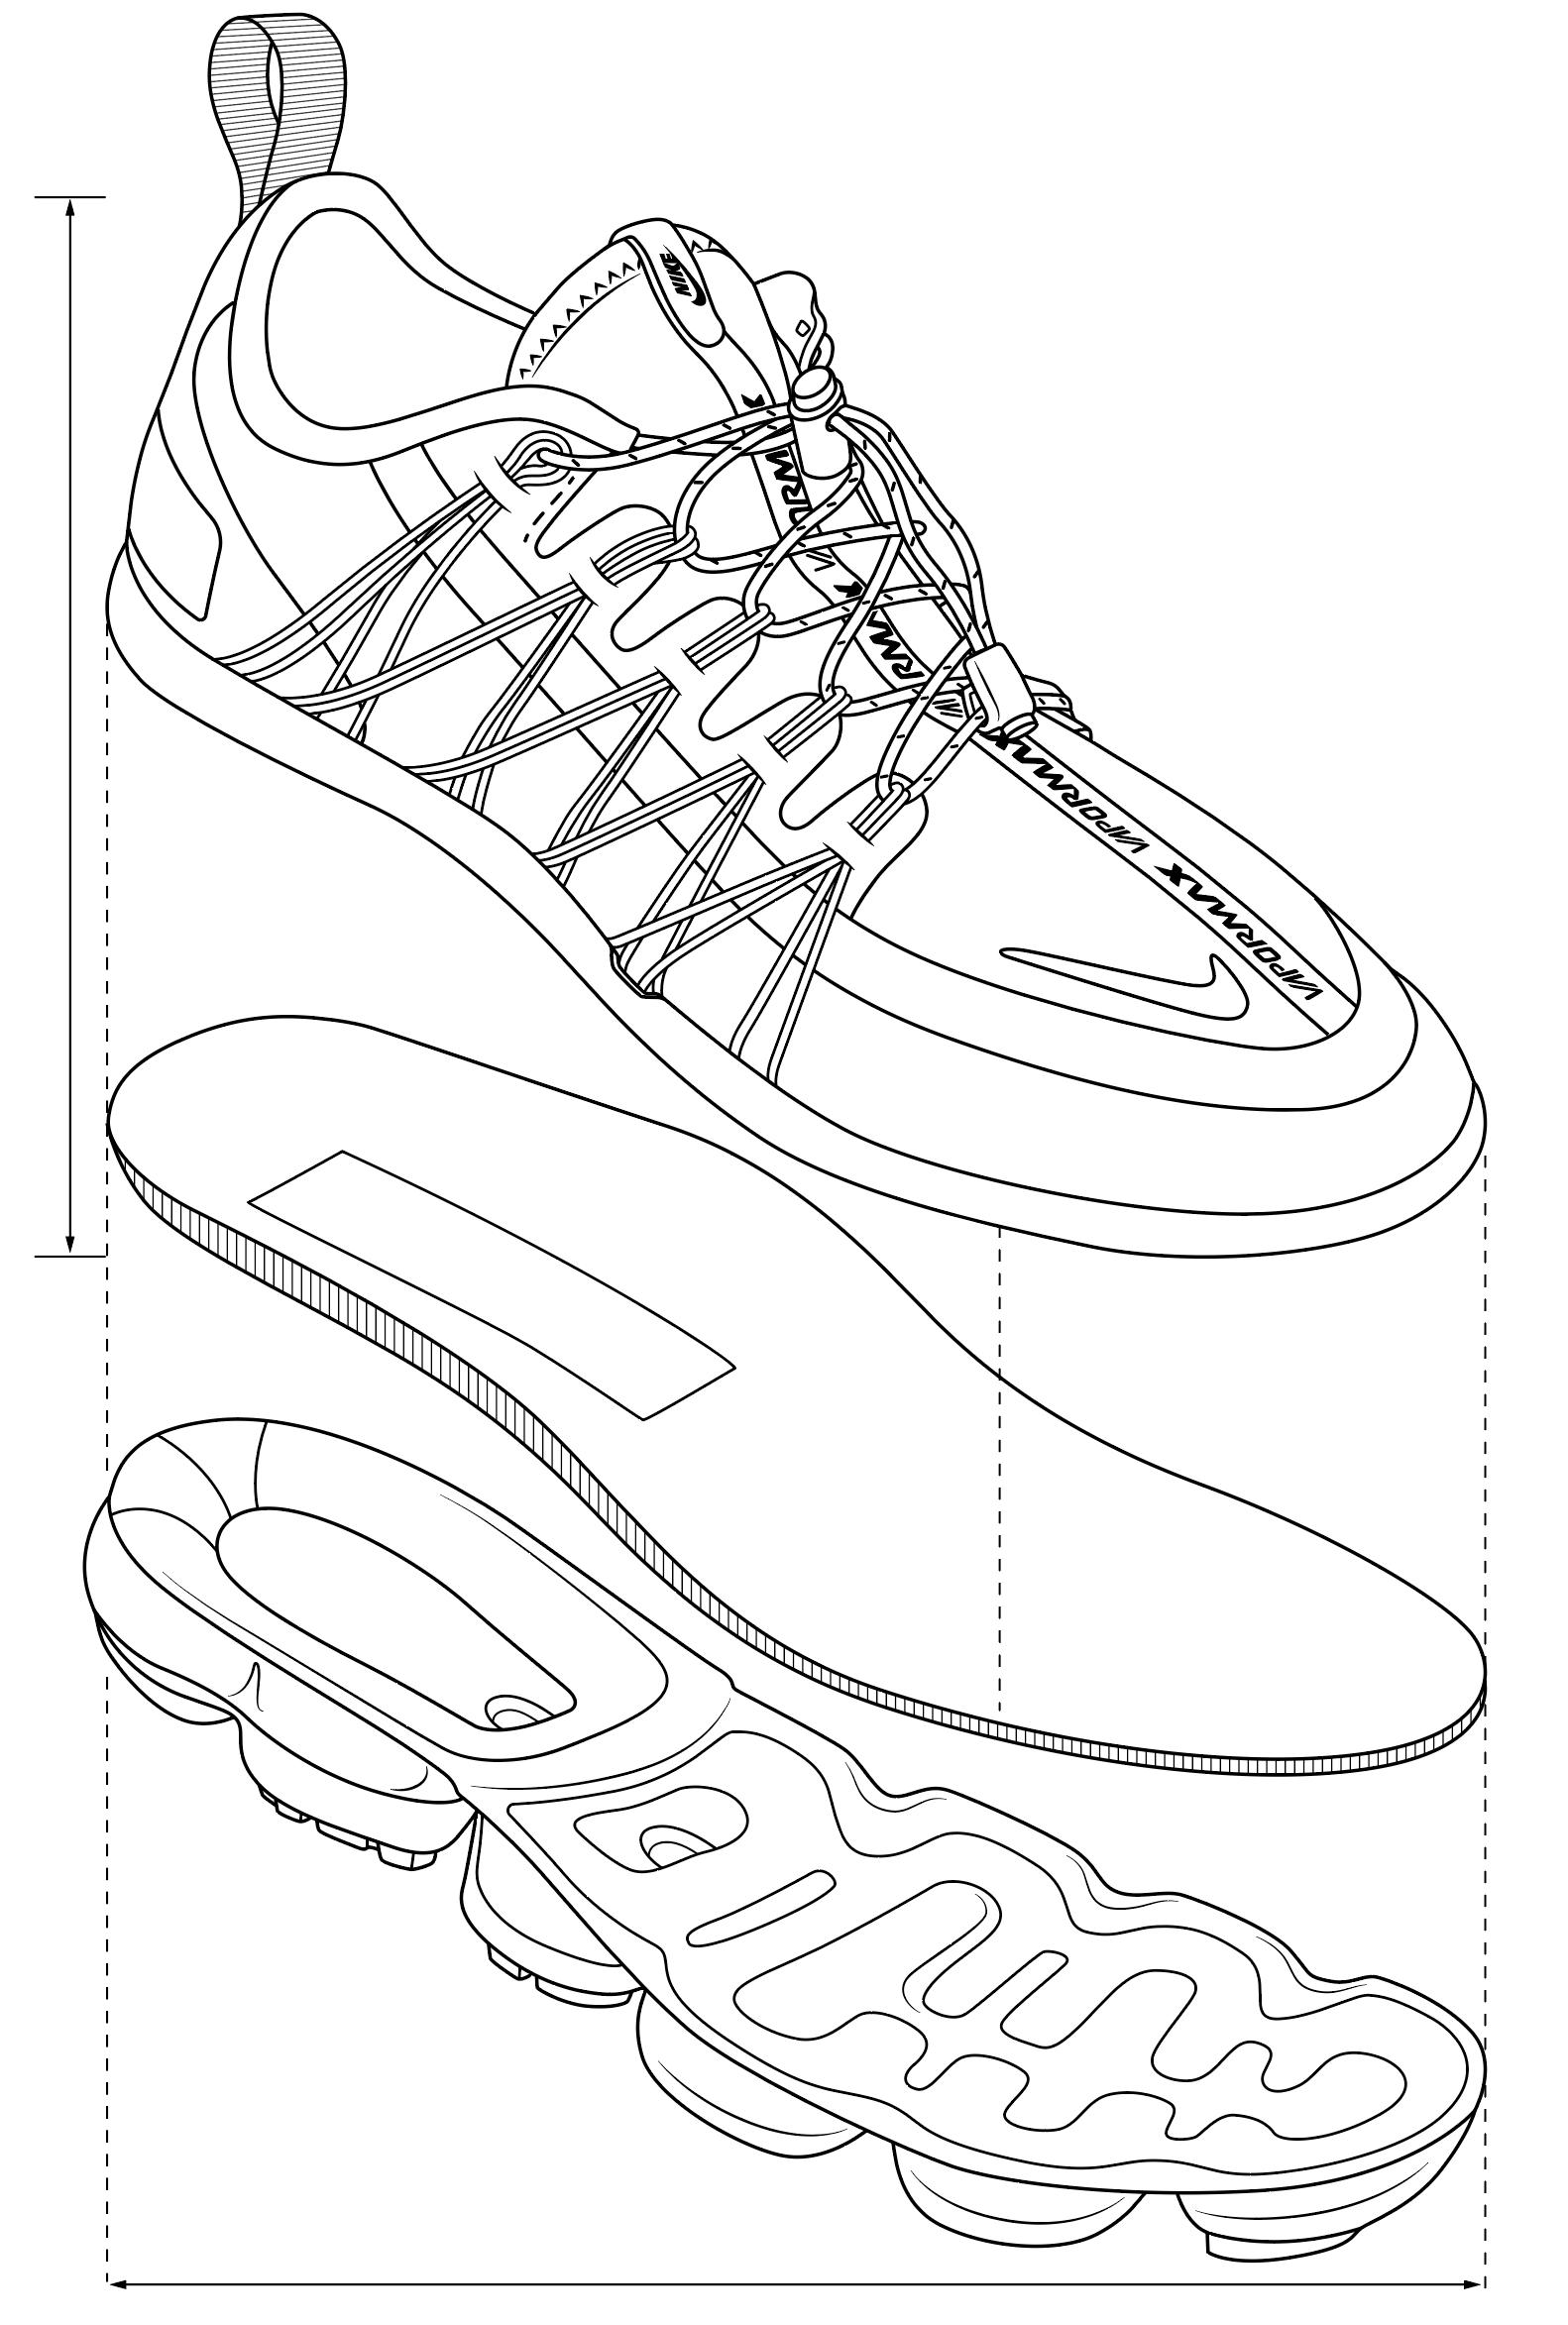 Nike_Shoe.png